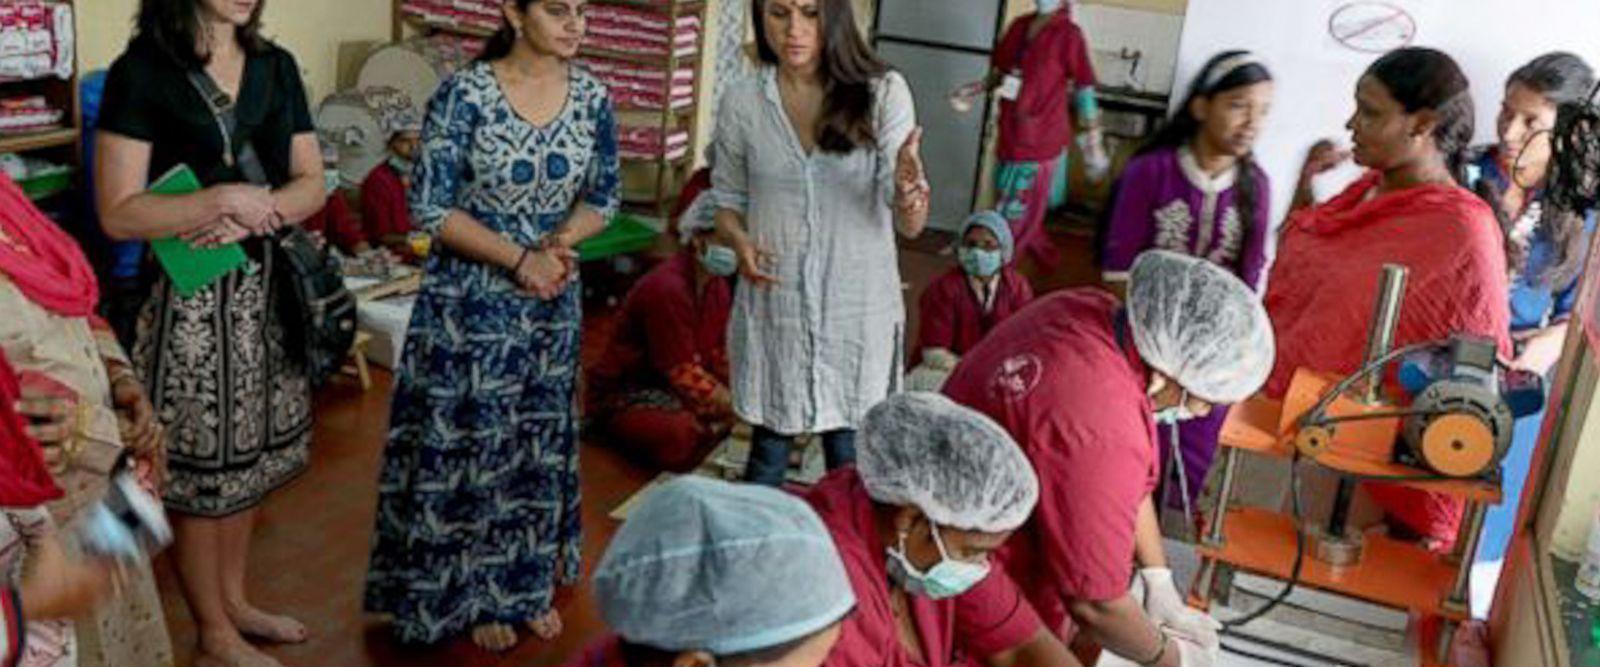 VIDEO: Meghan Markle sheds light on menstrual hygiene